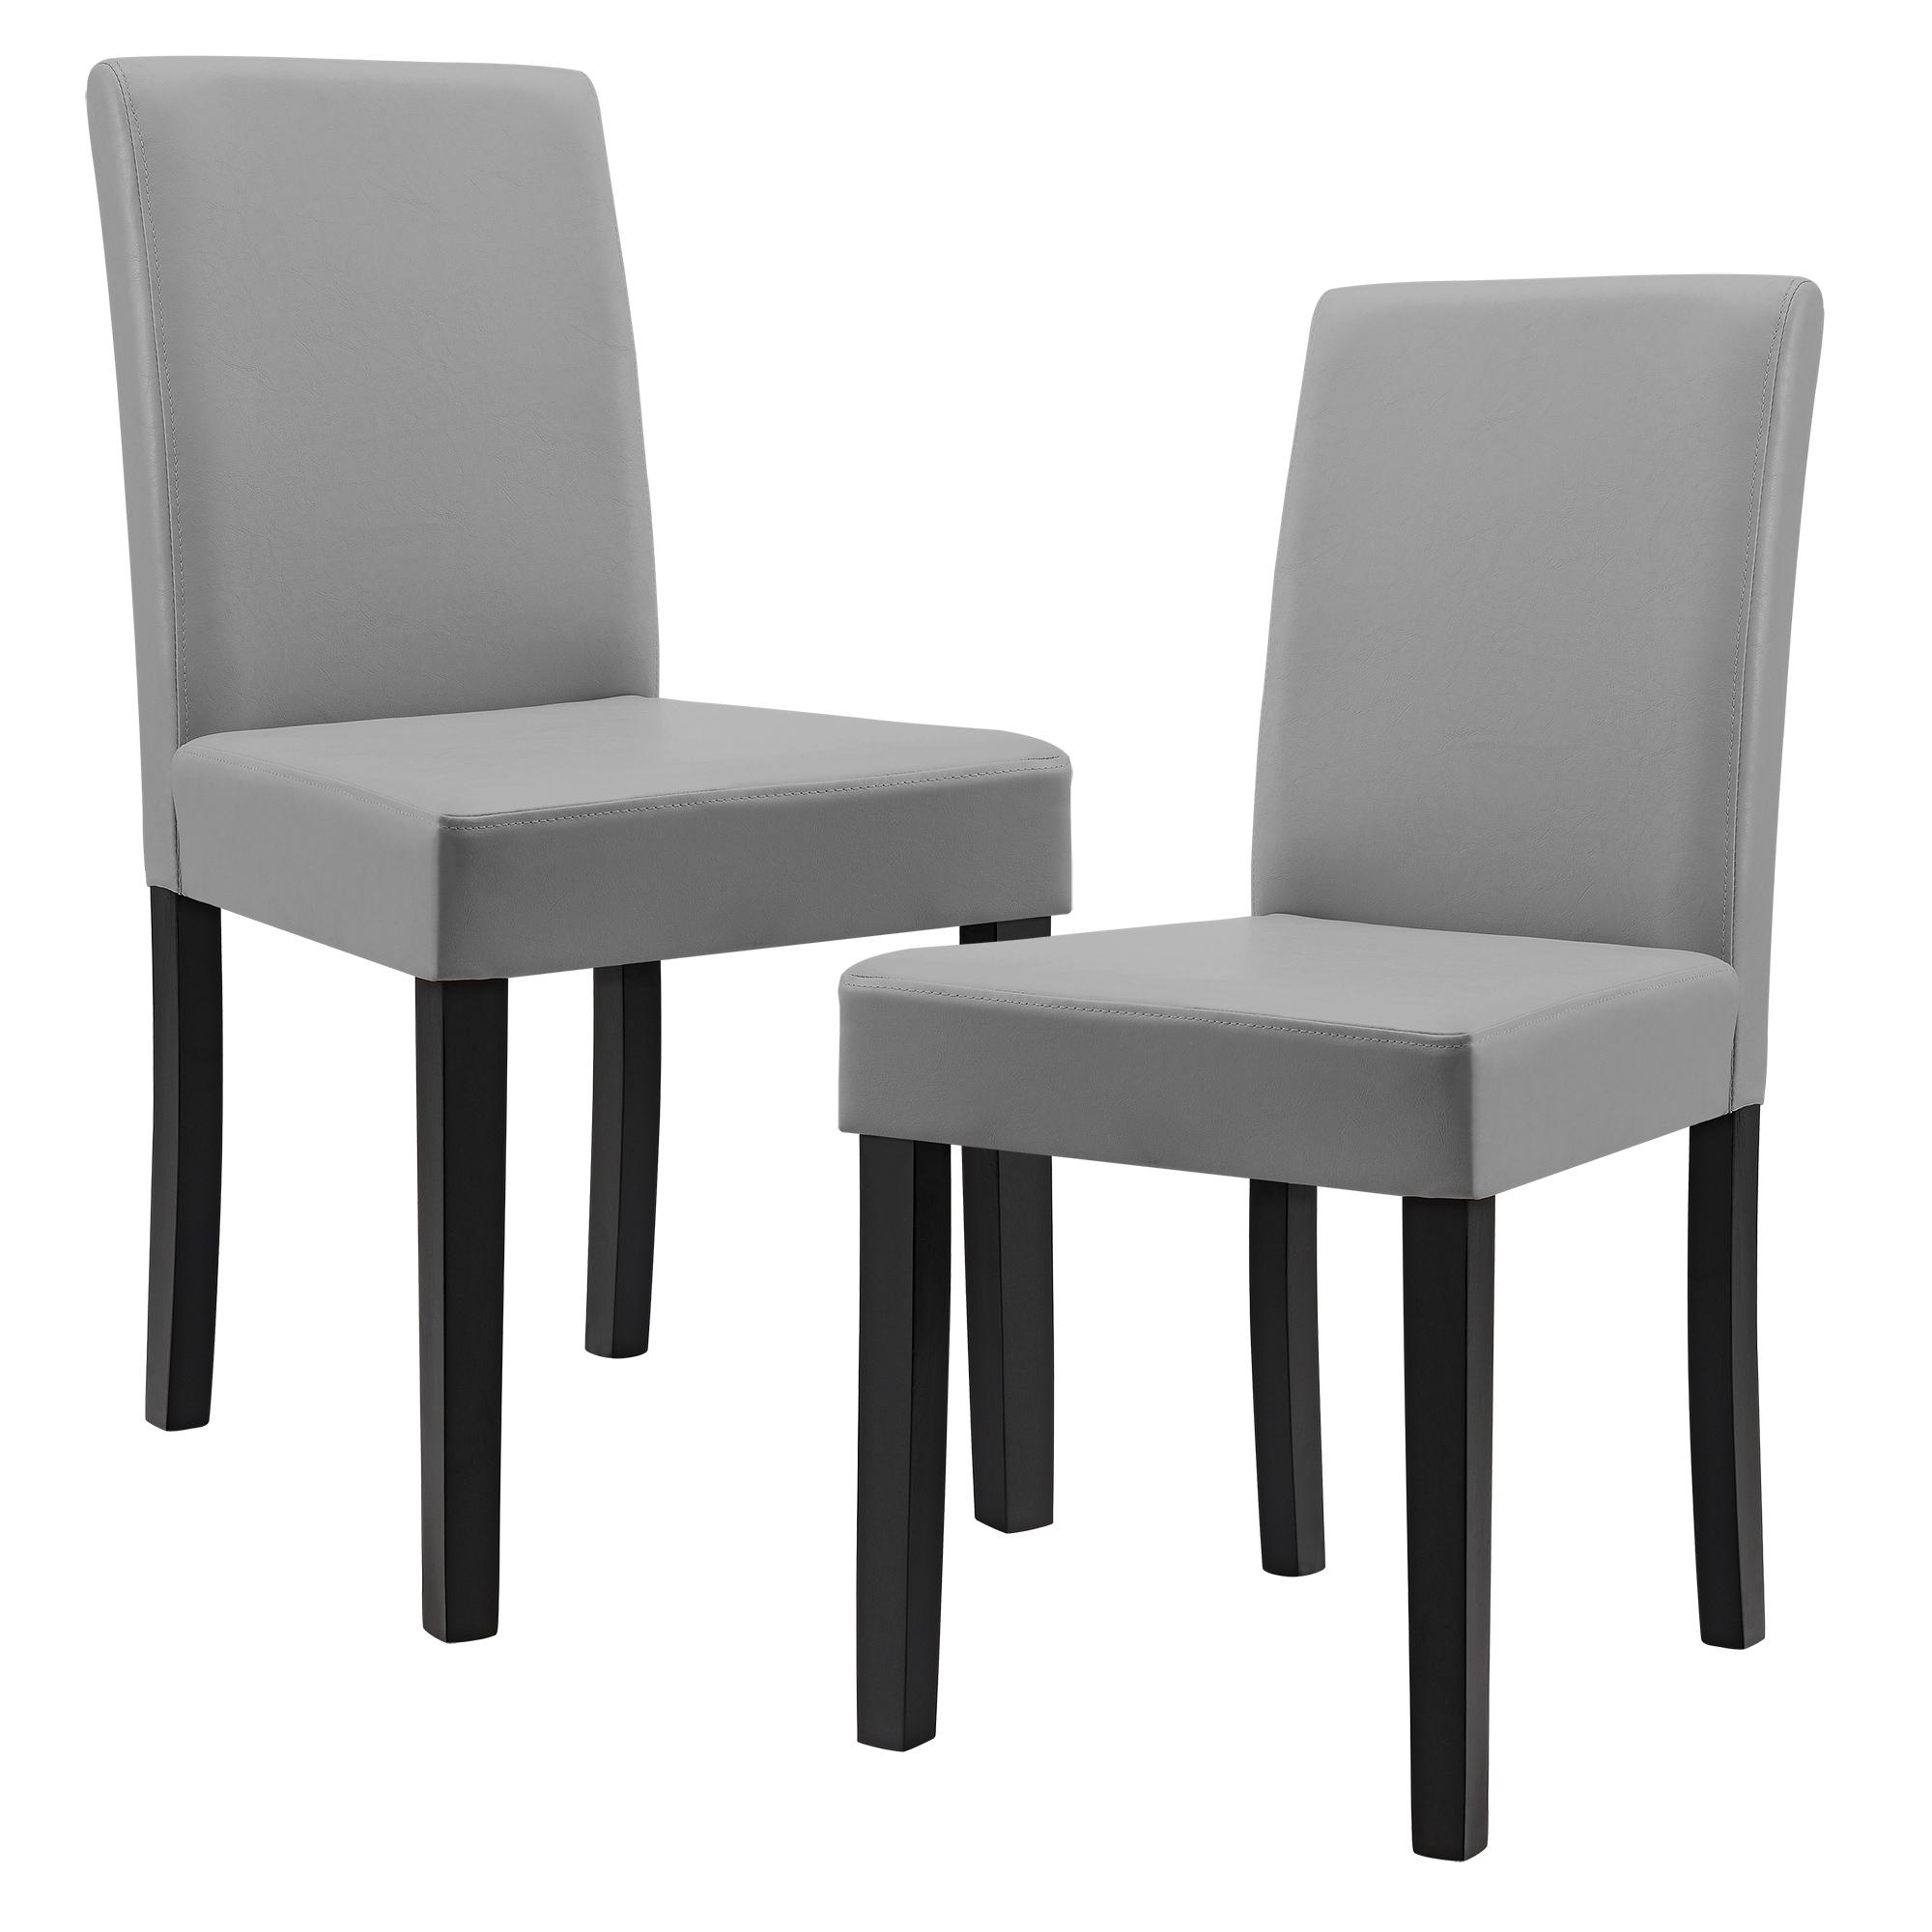 6x chaises dossier haut salle manger gris clair for Chaise salle a manger gris clair